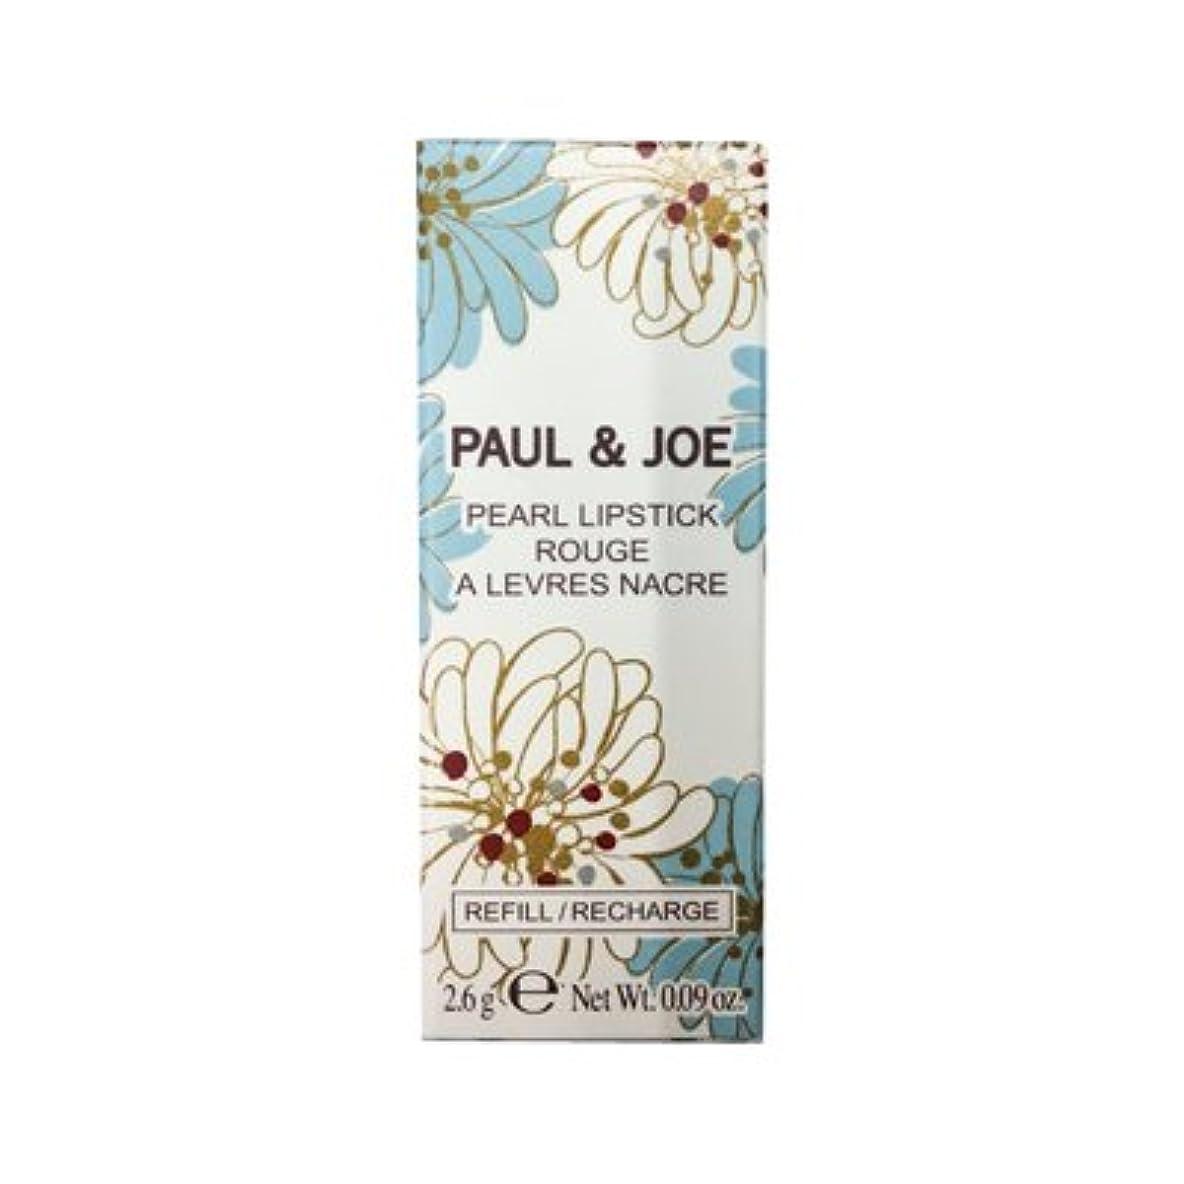 一杯セールアナウンサーポール & ジョー/PAUL & JOE リップスティックスクレドール(レフィル) #402 [並行輸入品]